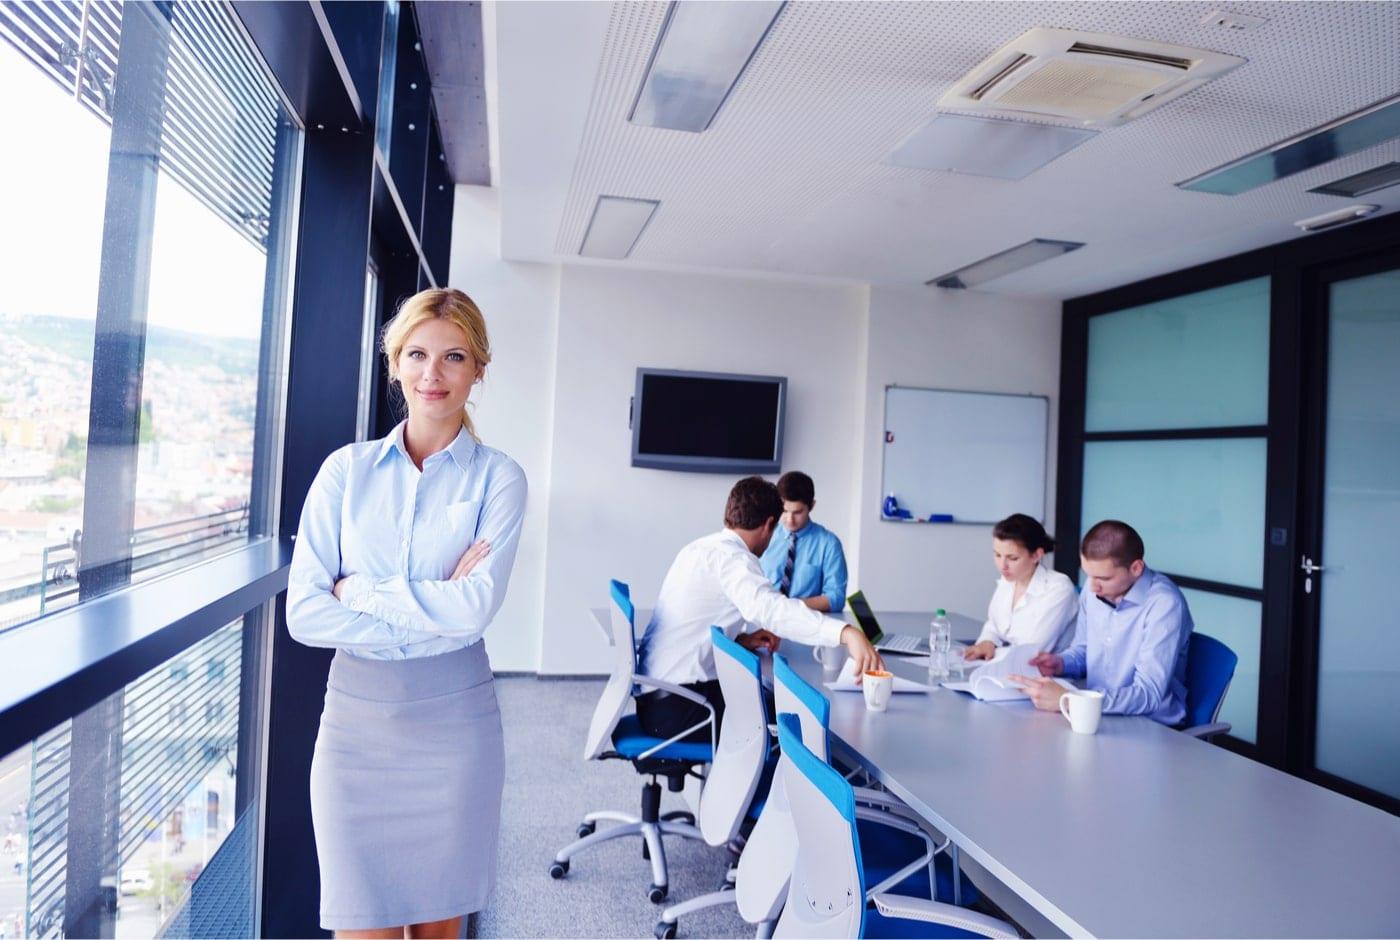 Secretary PA Course